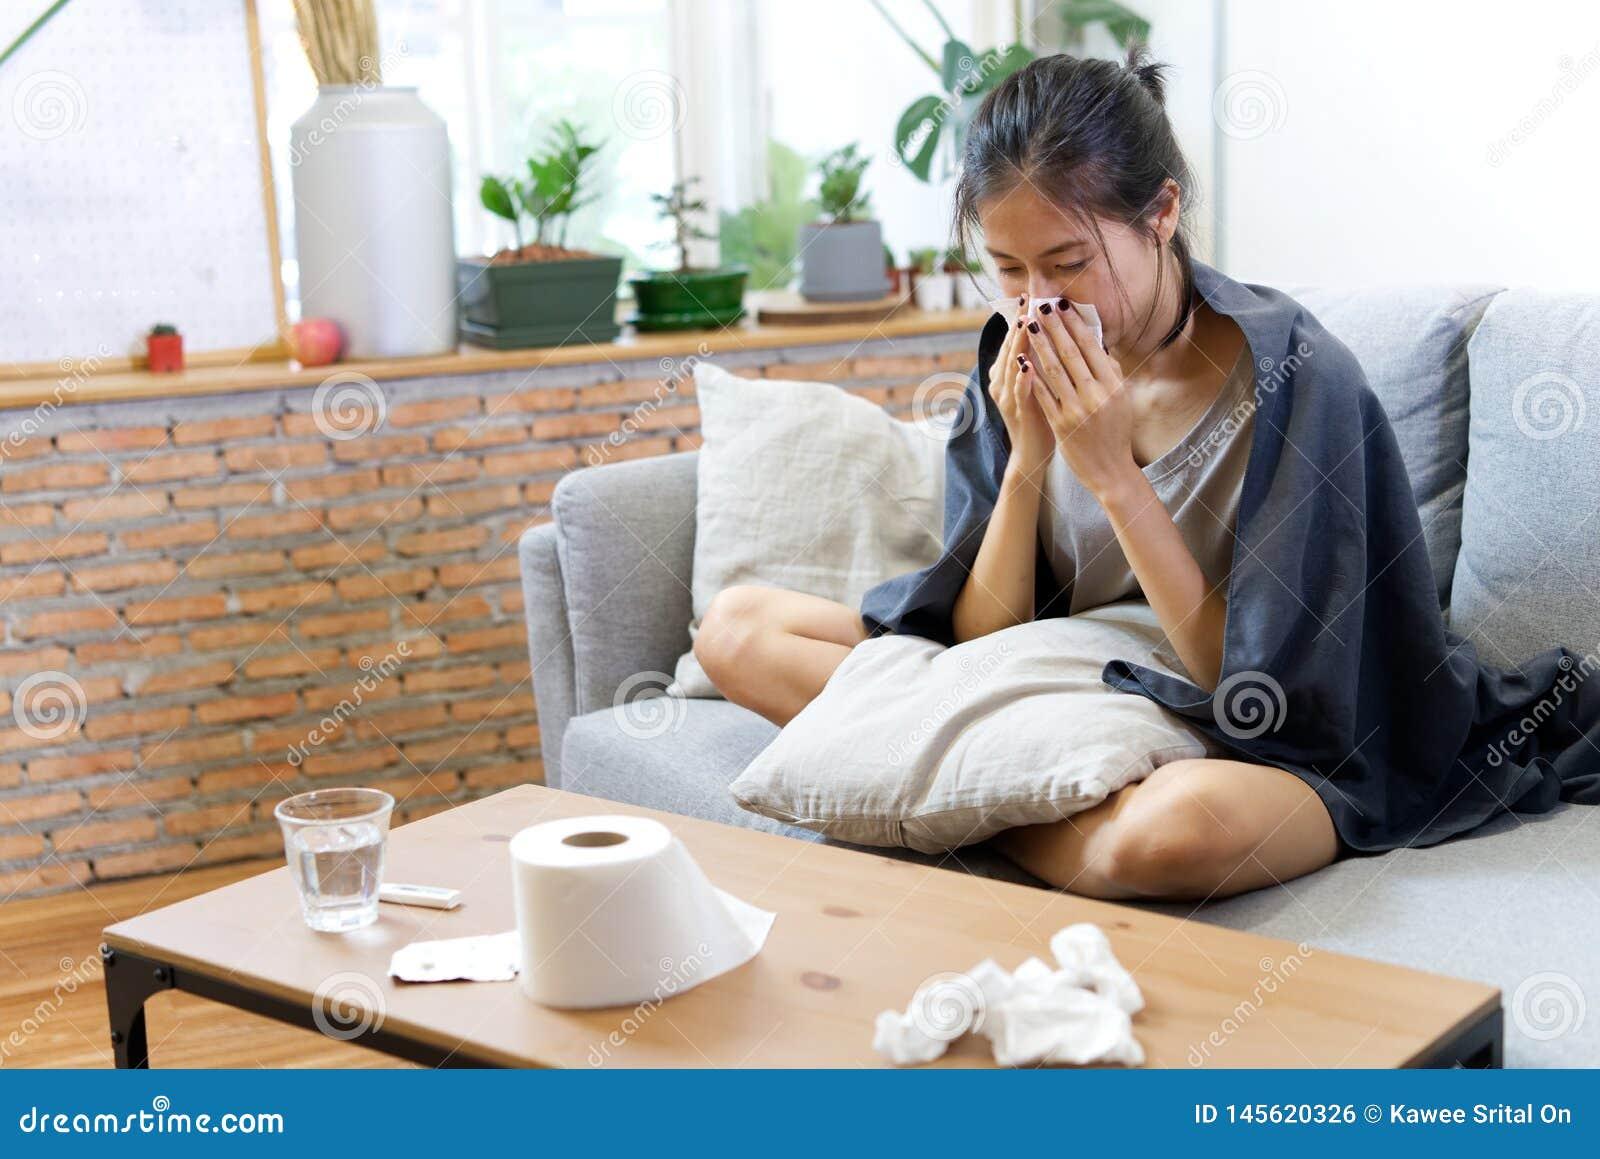 Chory Azjatycki młodej kobiety kichnięcie na kanapie z zimnem w domu